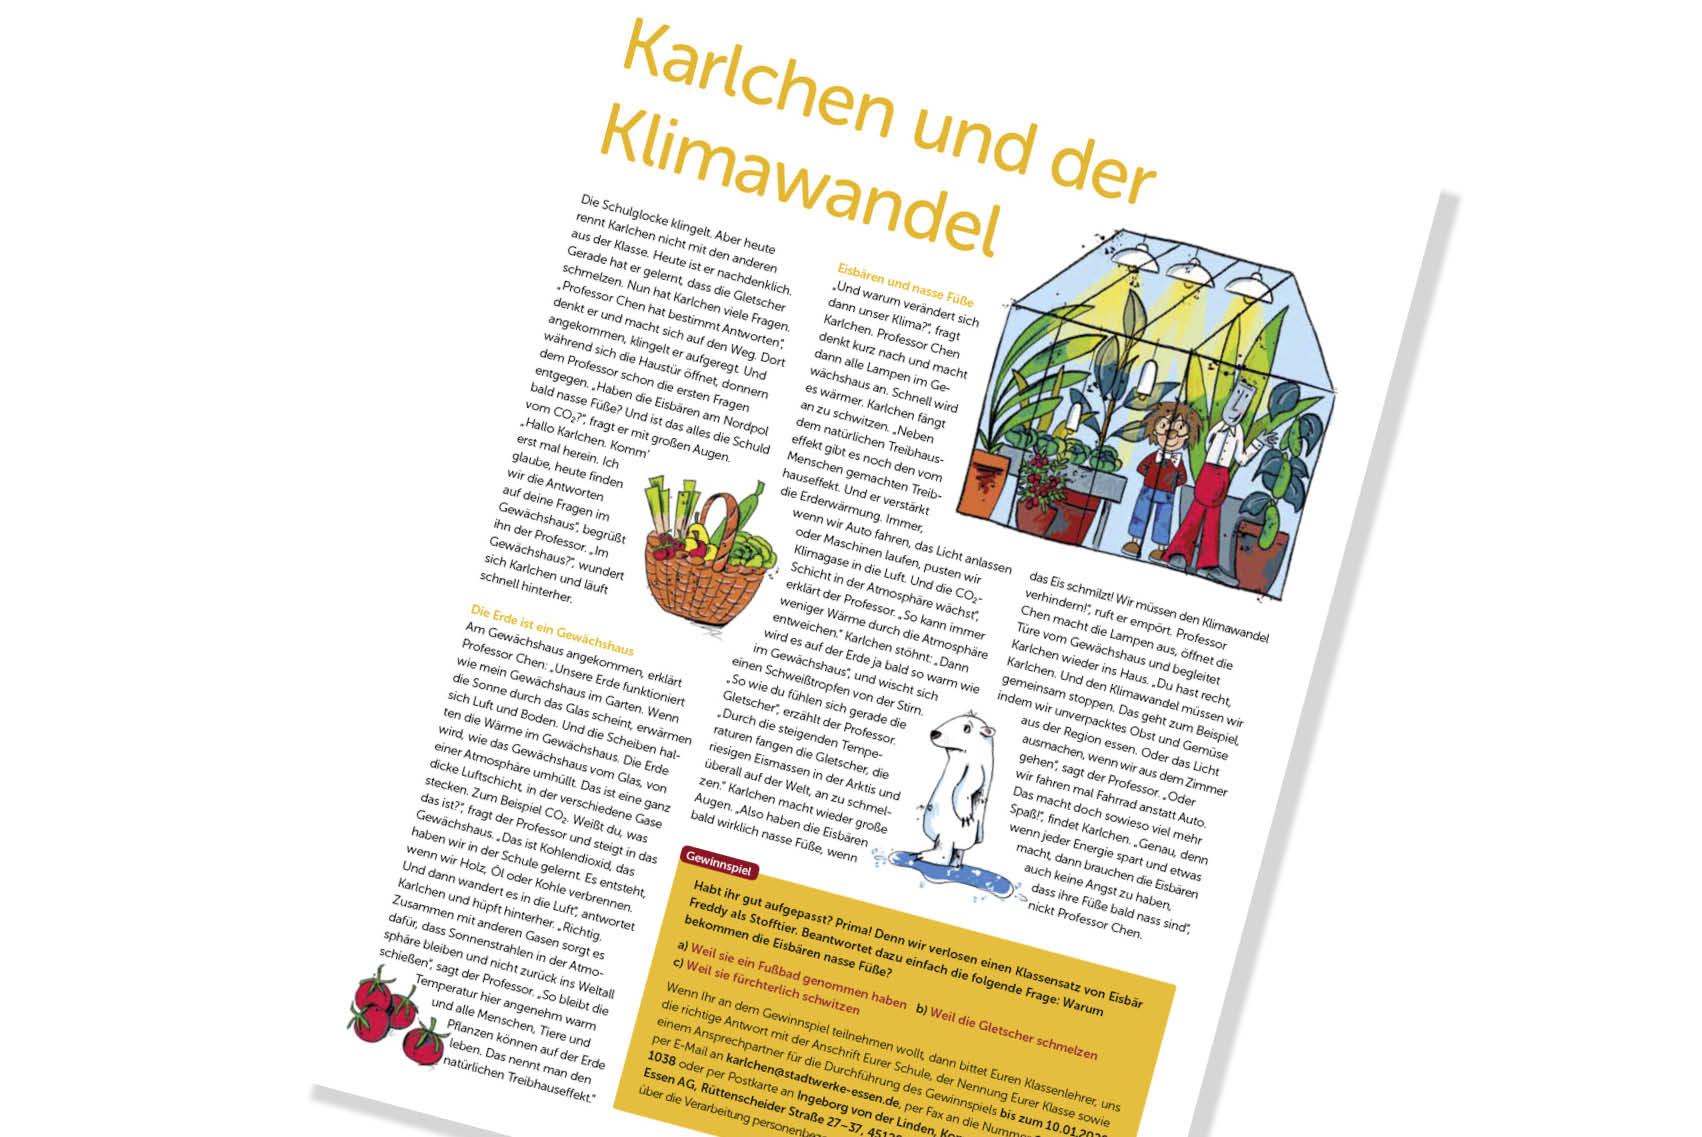 illustration-karlchen-stadtwerke-essen-06.jpg